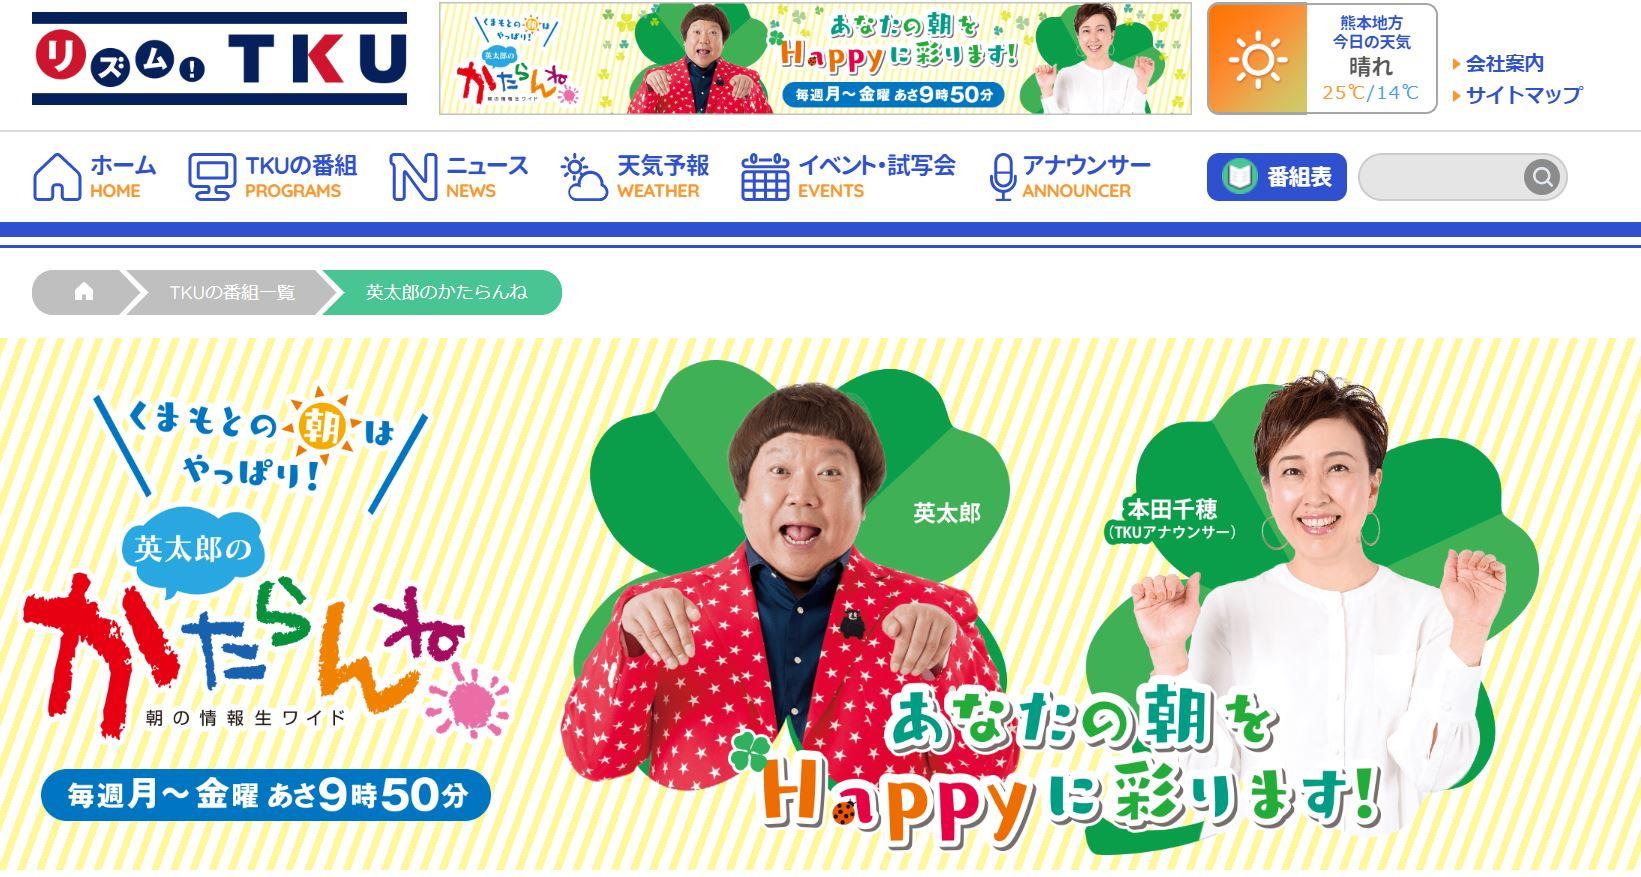 テレビ熊本『栄太郎のかたらんね』に懸賞達人として出演